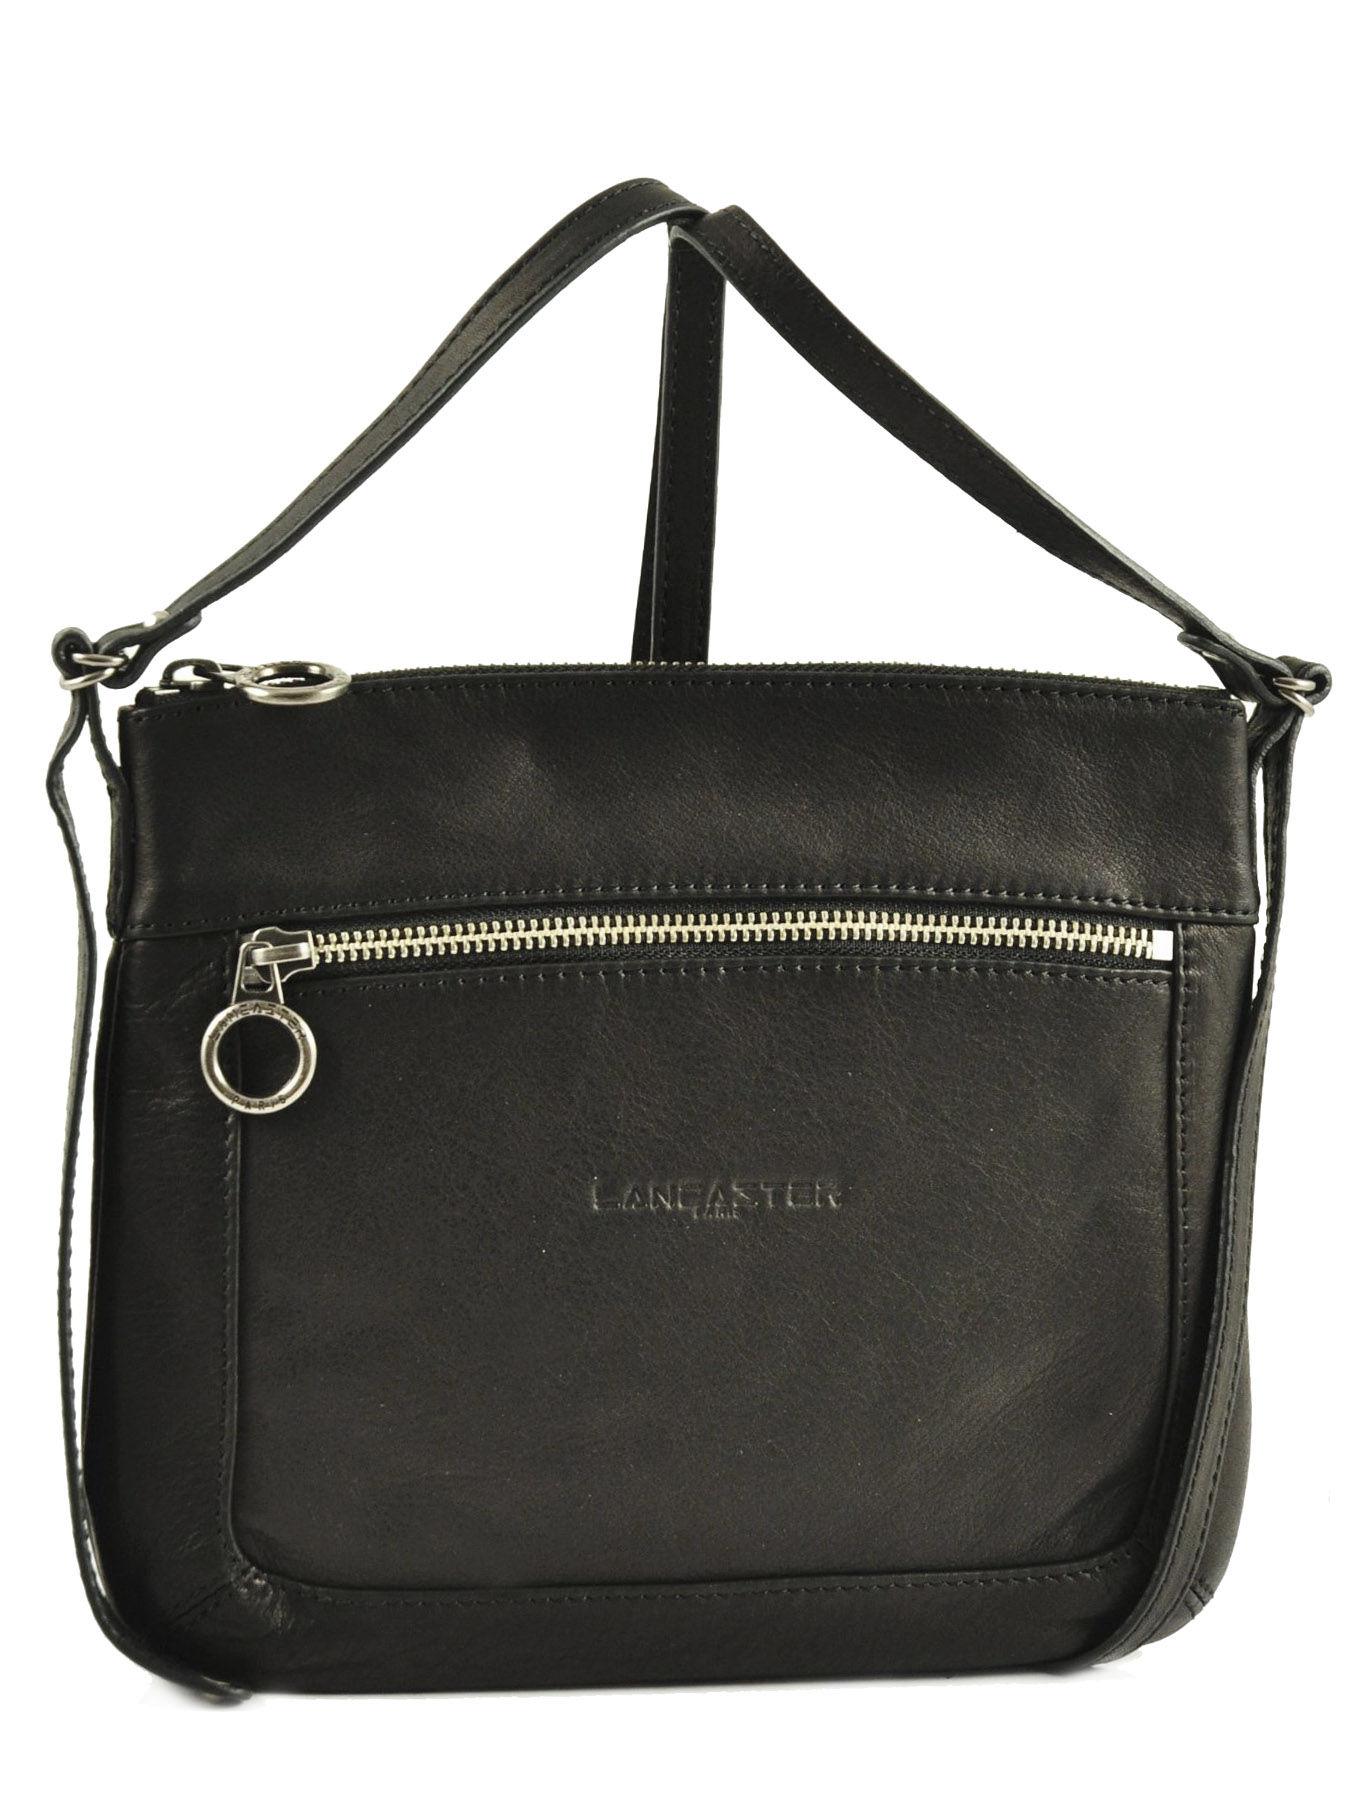 sac lancaster noir e soft vintage nova 5769. Black Bedroom Furniture Sets. Home Design Ideas